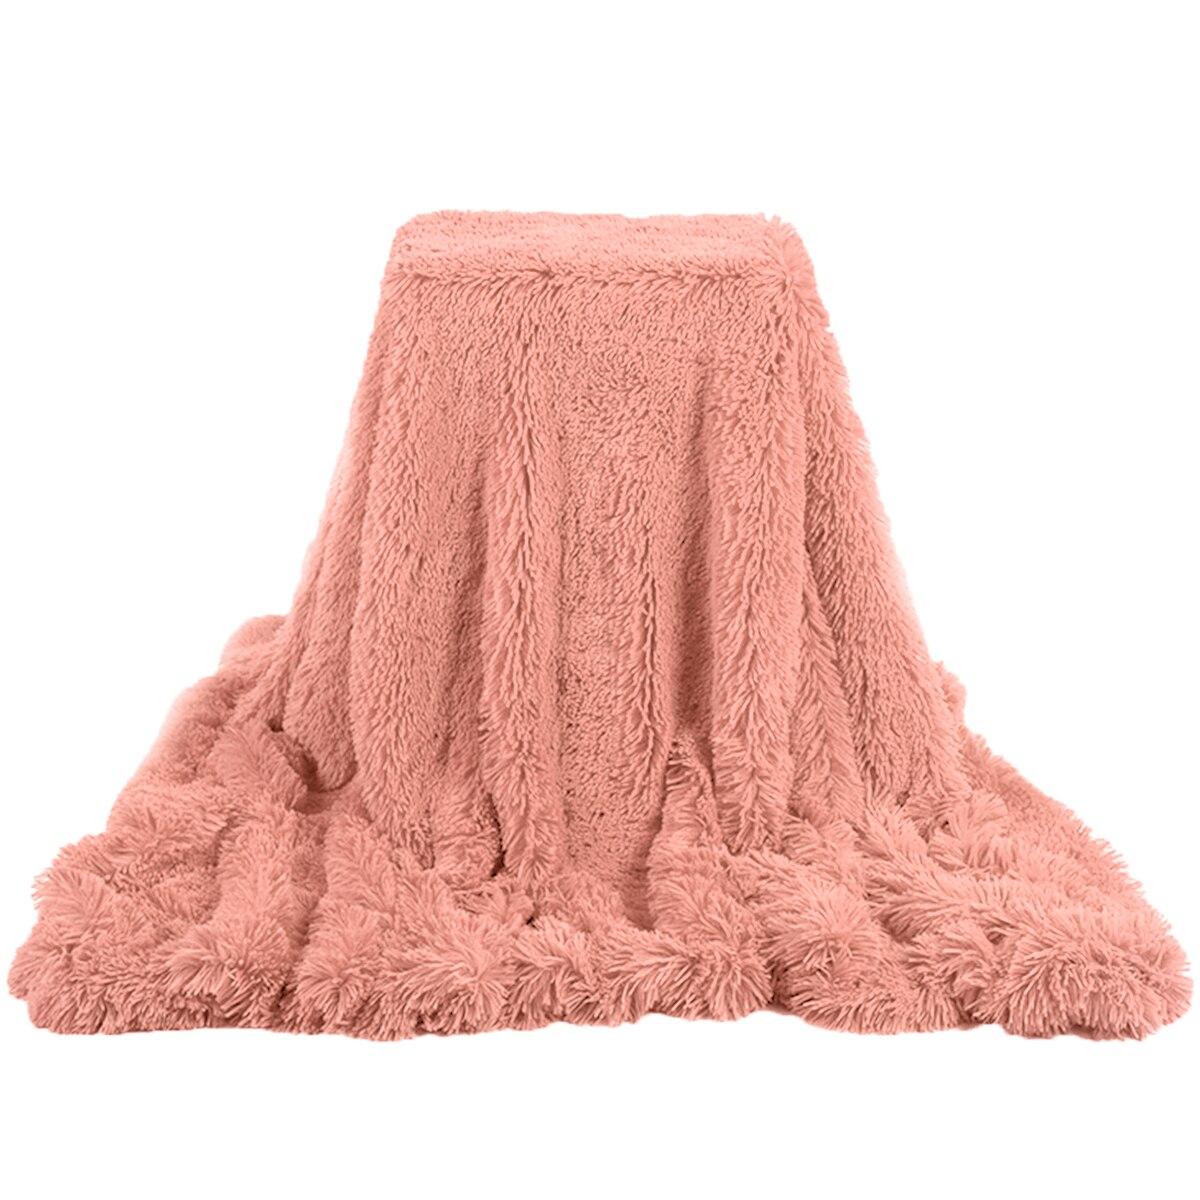 Мягкое Роскошное Одеяло, плюшевое Шелковистое покрывало из искусственного меха, летнее одеяло, покрывало для свадебного декора